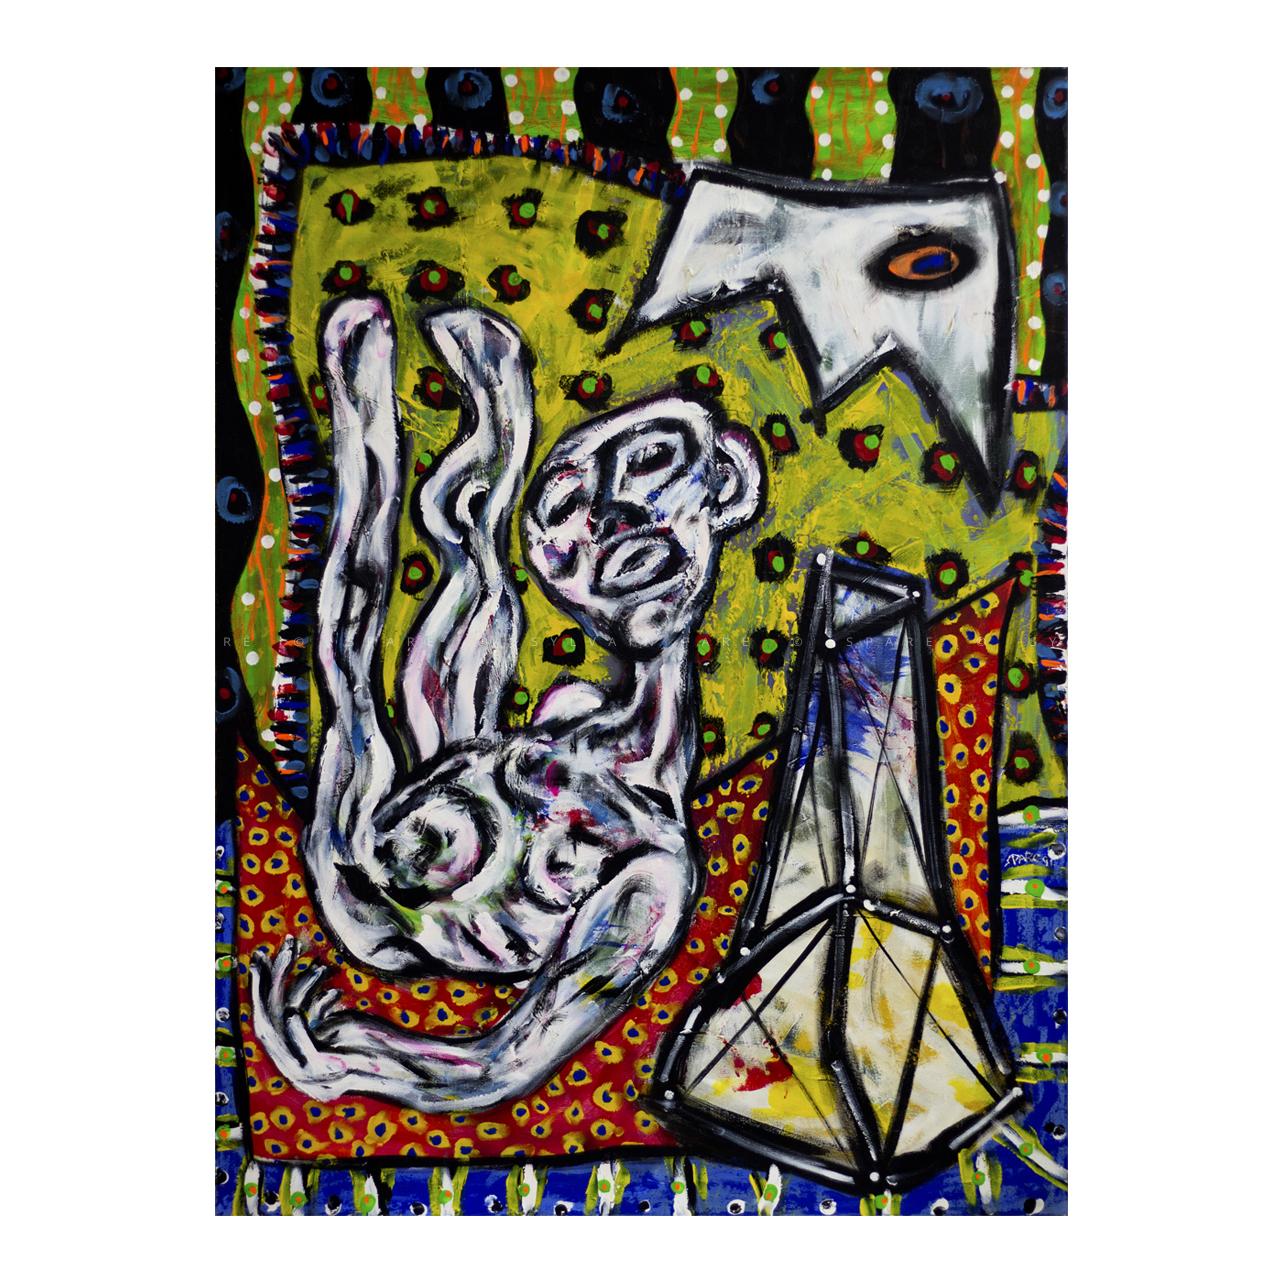 sylvain-pare-spare-artwork-1280x1280_IMG_0230.jpg